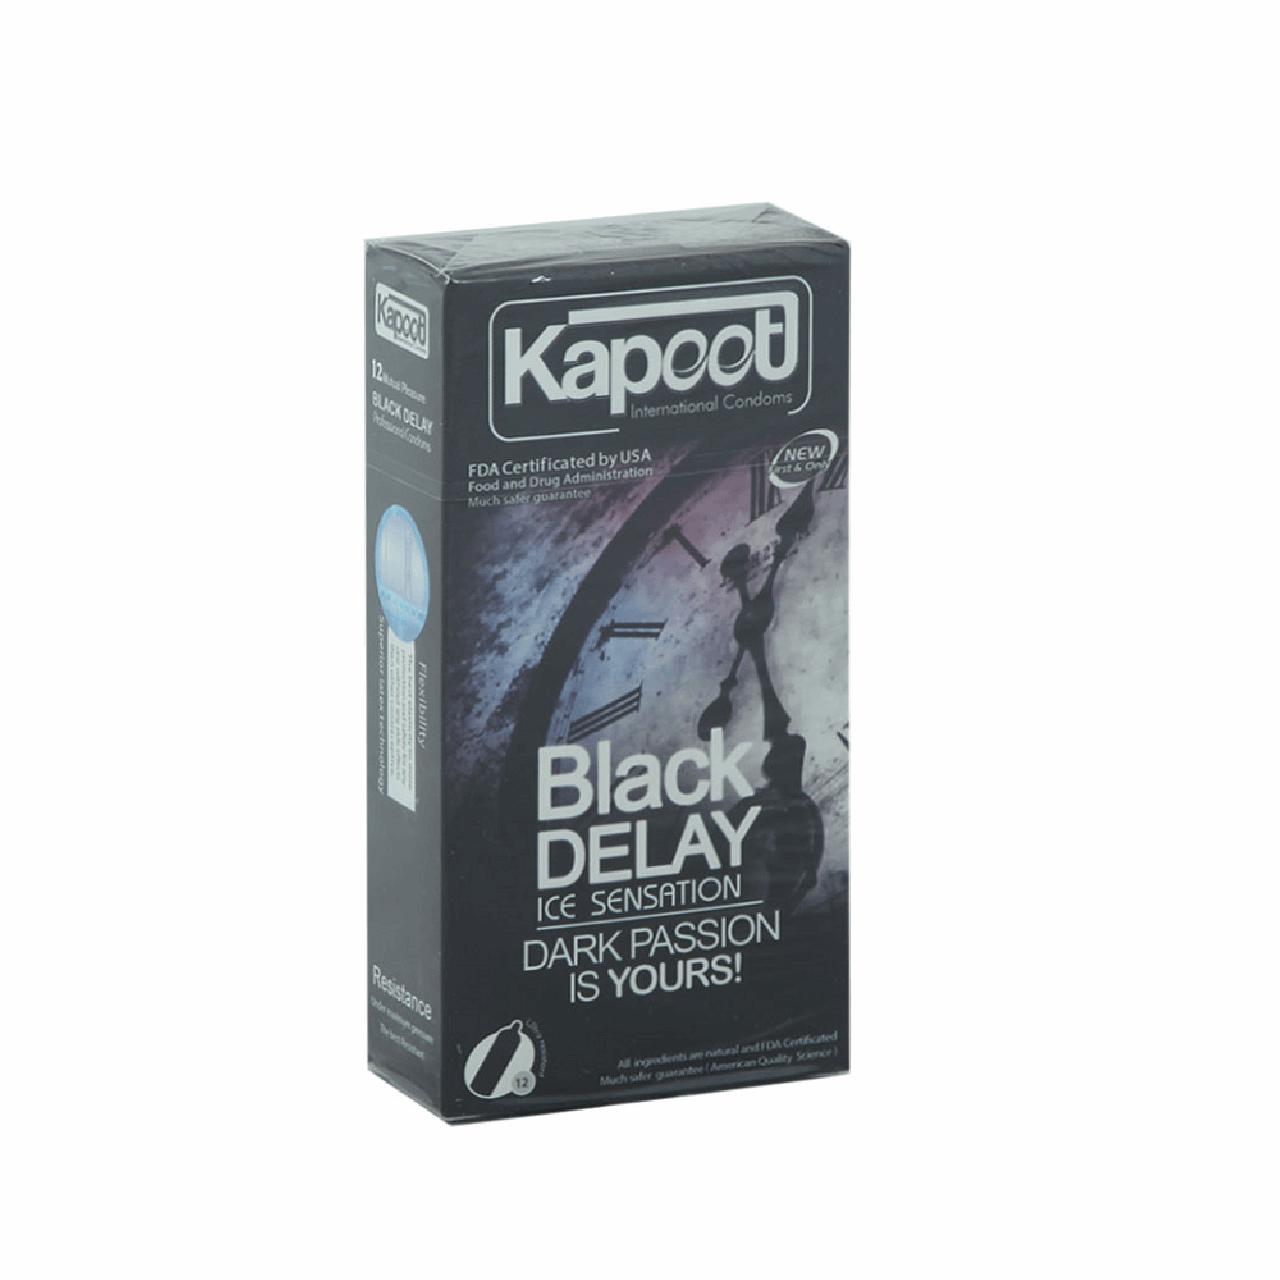 عکس کاندوم تاخیری کاپوت مدل Black Delay  بسته 12 عددی